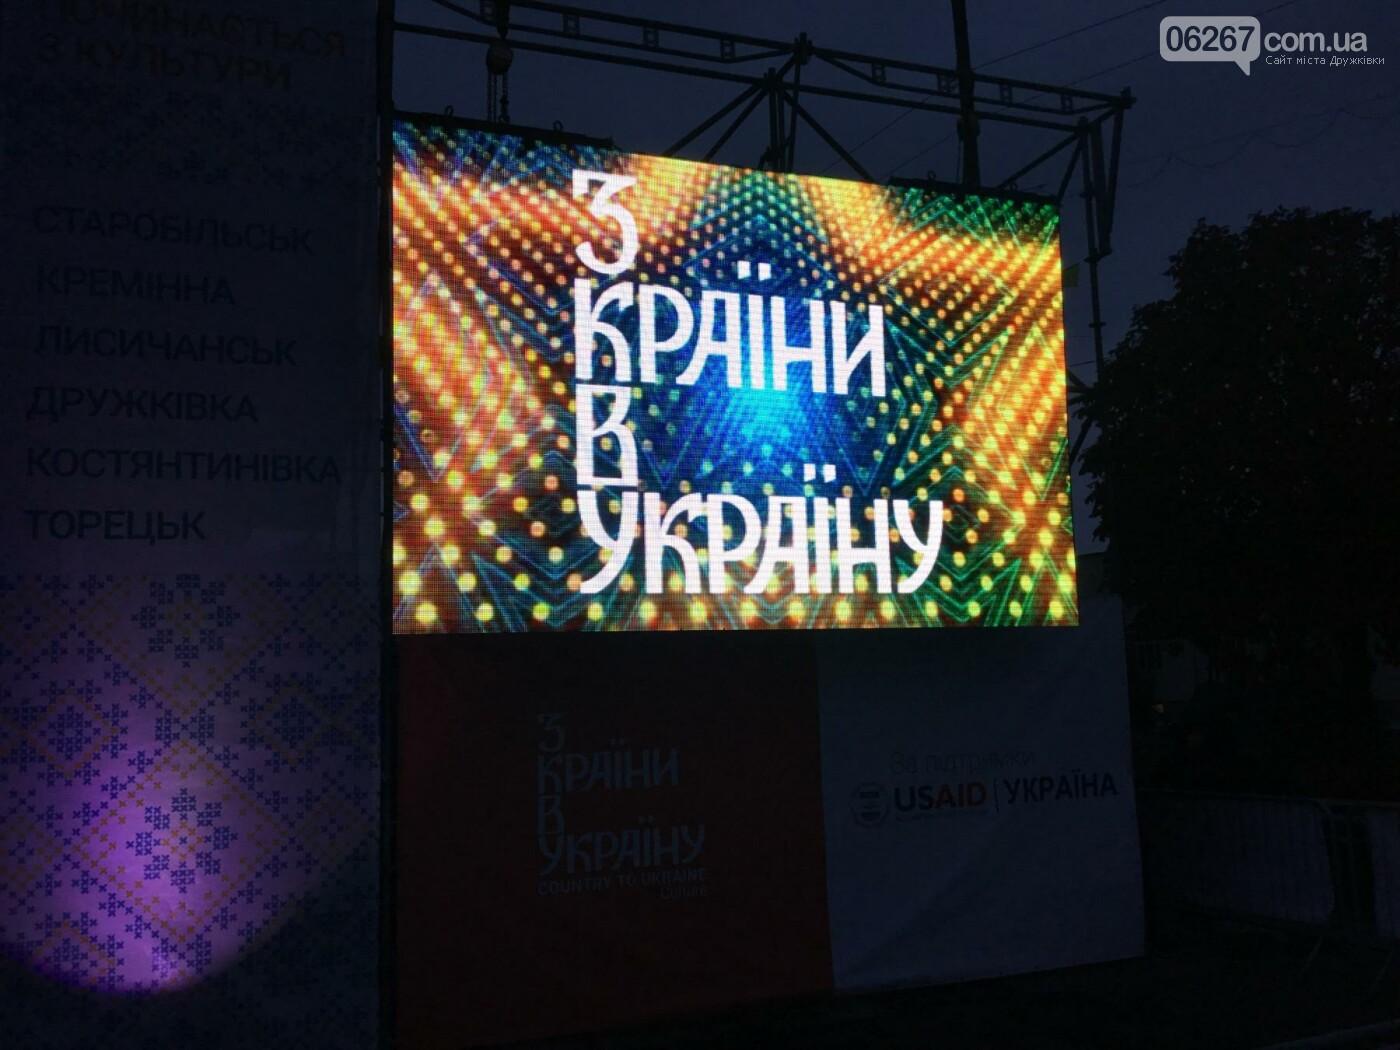 Как прошёл в Дружковке фестиваль «З країни в Україну» (ФОТО, ВИДЕО), фото-1